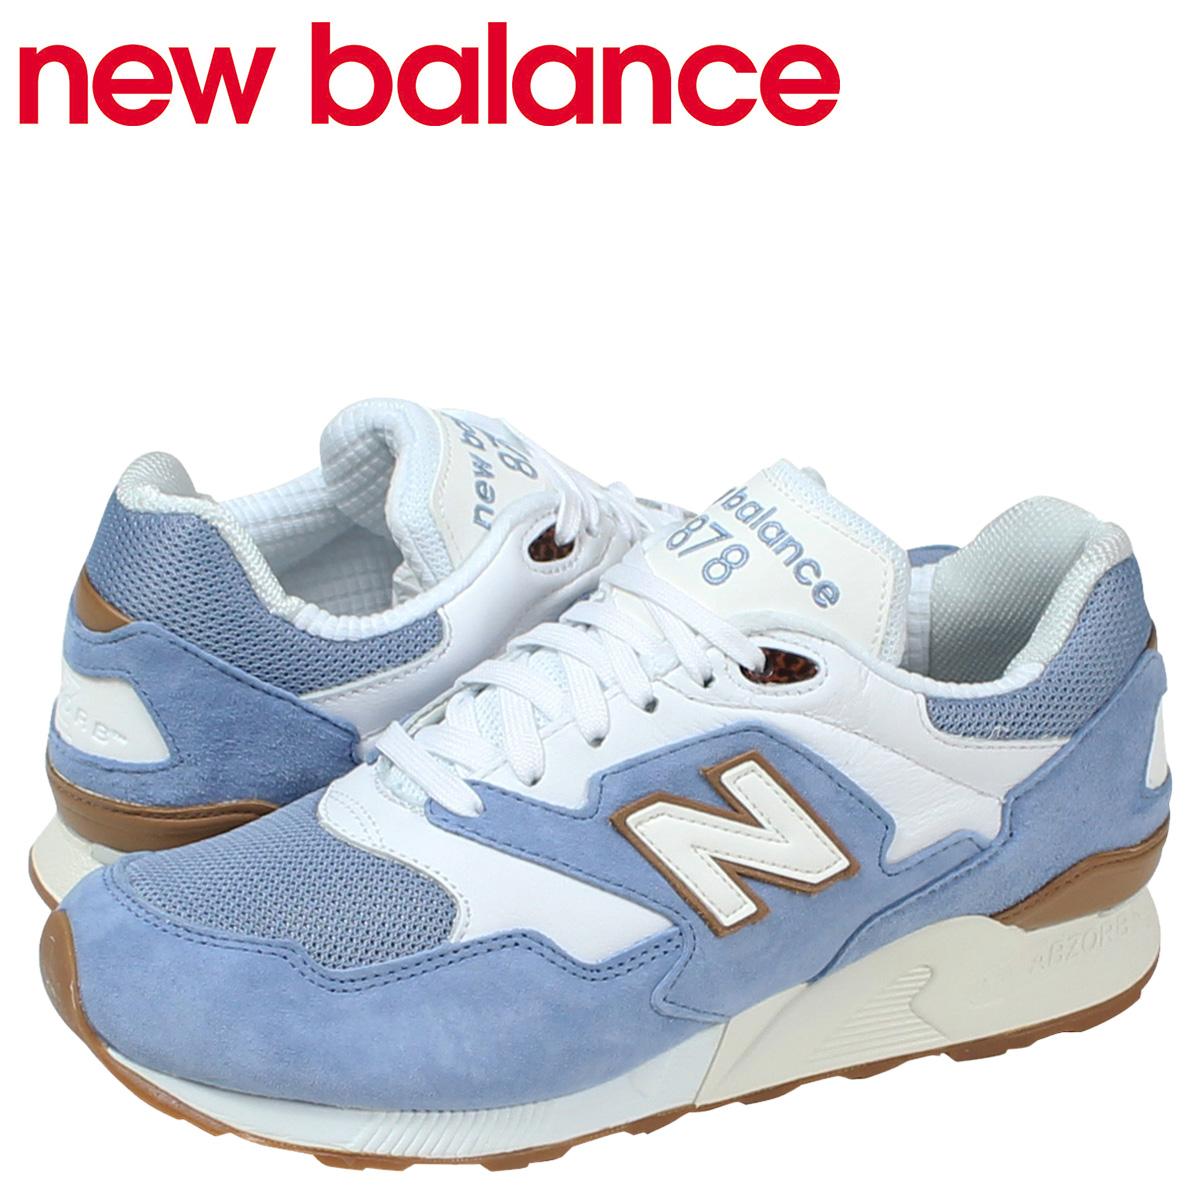 baskets pour pas cher 8a173 5e2d0 New Balance new balance 878 men's sneakers ML878RMB D Wise blue